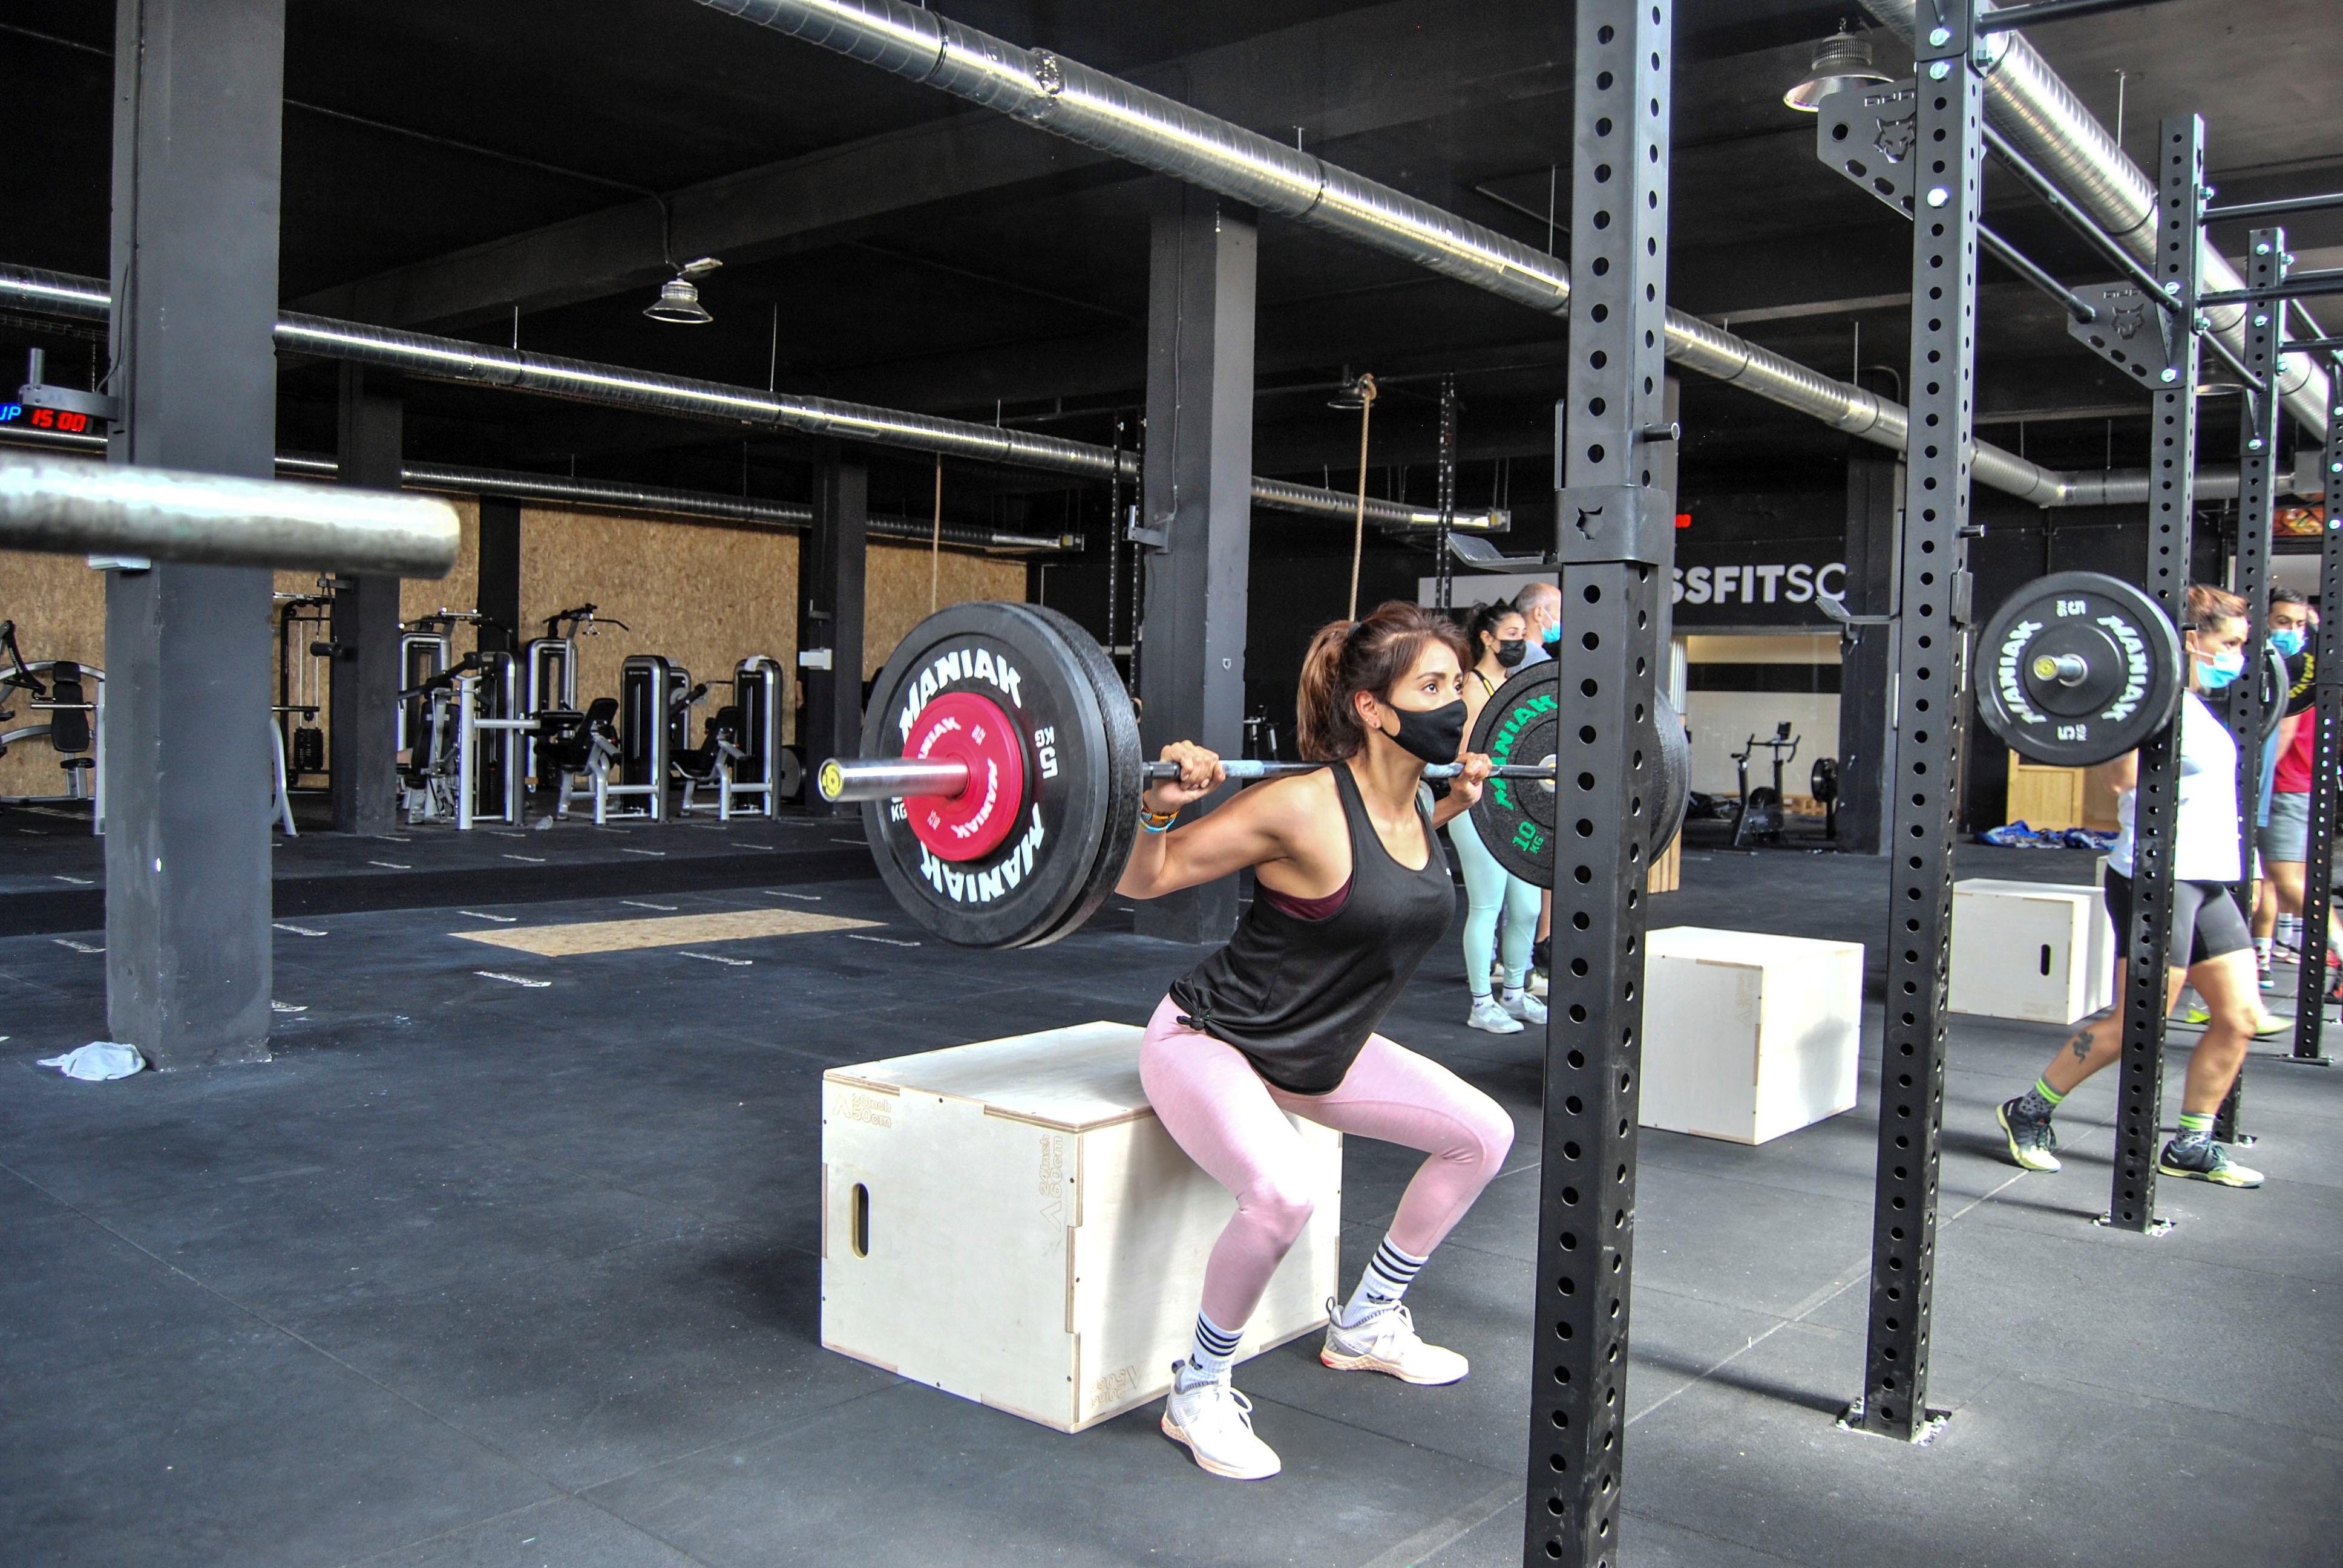 CrossFit Soria se traslada de local e invierte 200.000 euros en su nuevo box